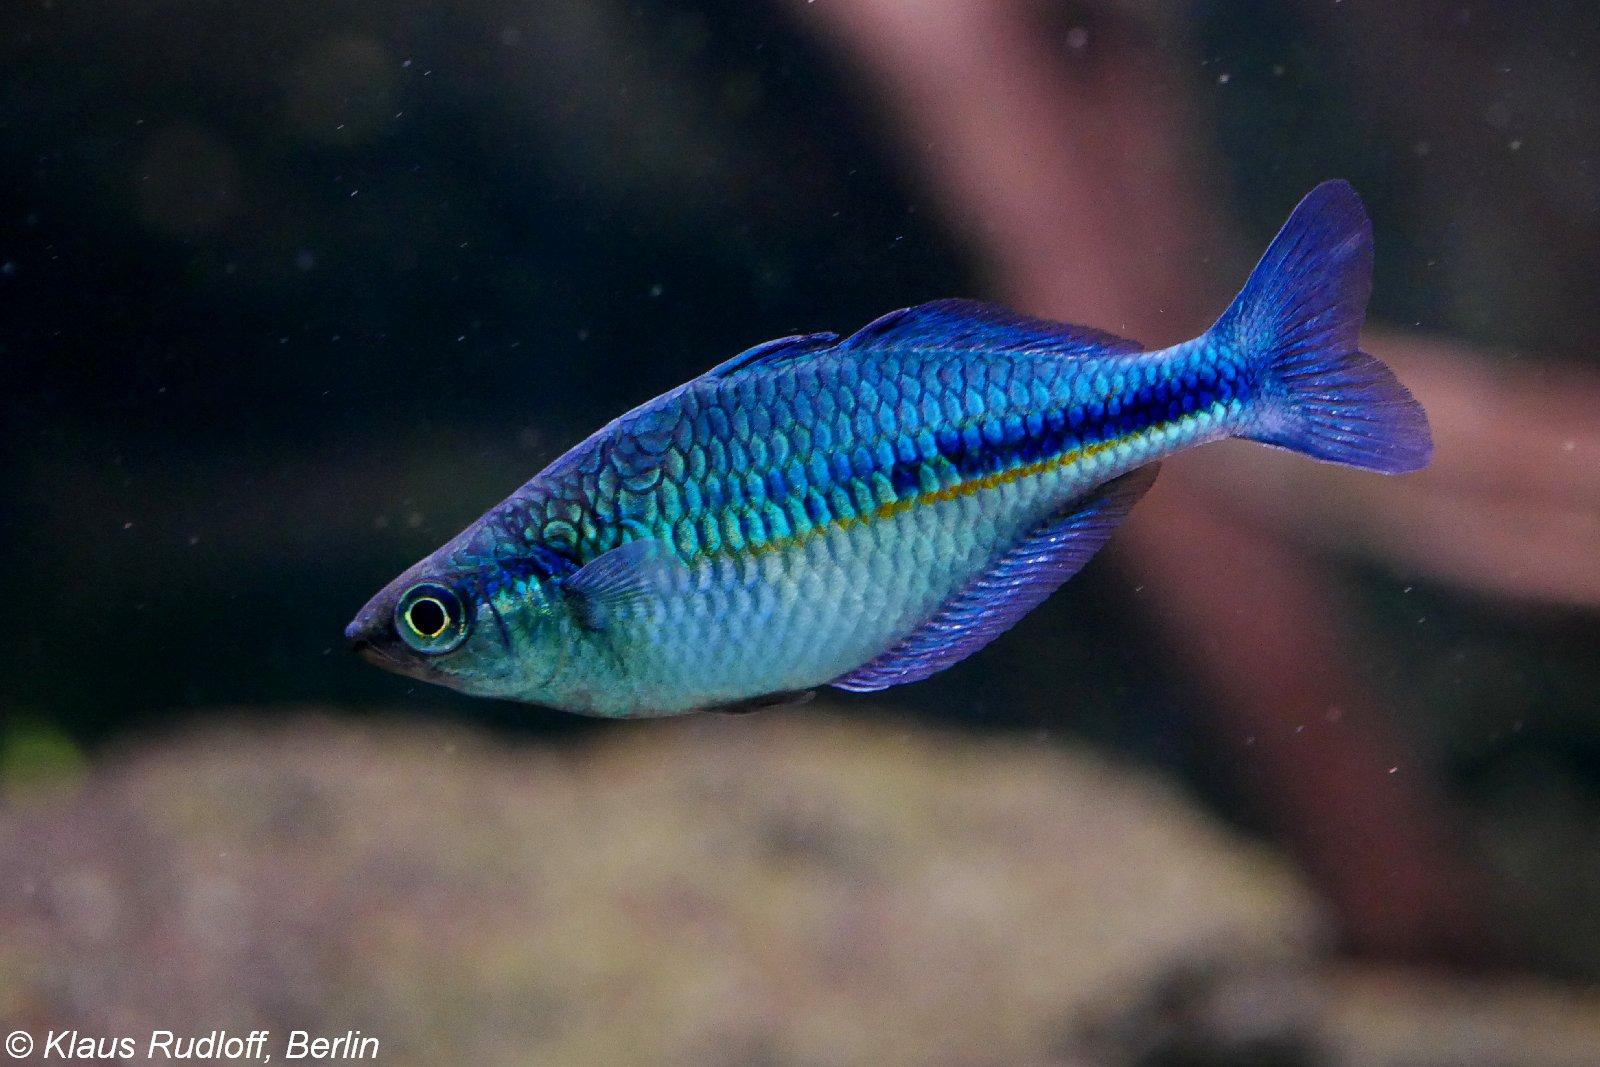 Blauer Regenbogenfisch im Aquarium